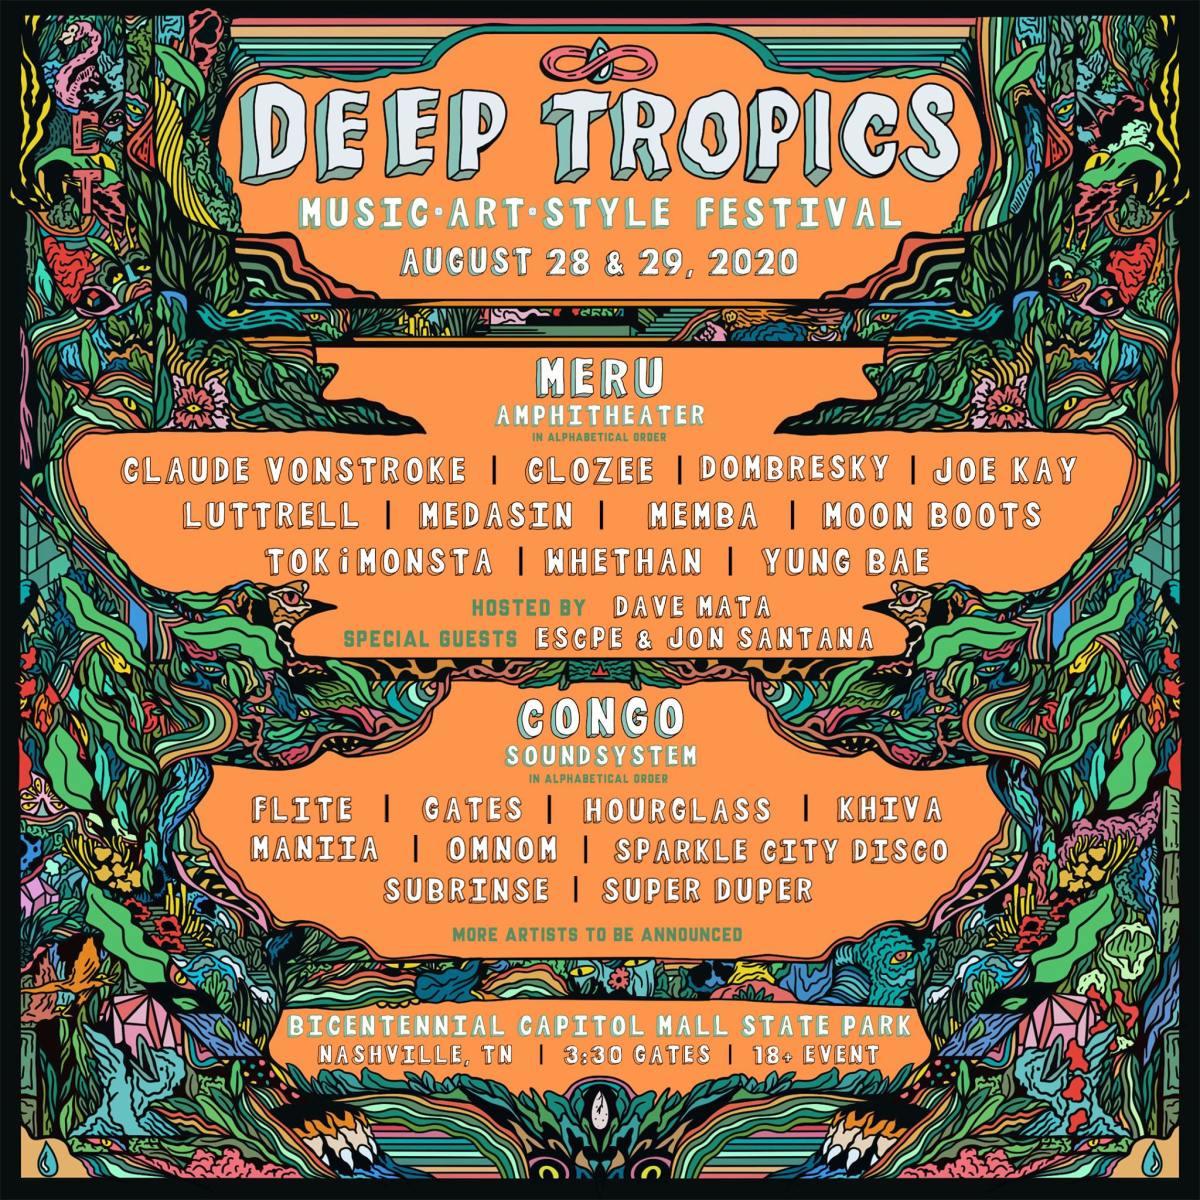 Deep Tropics 2020 lineup